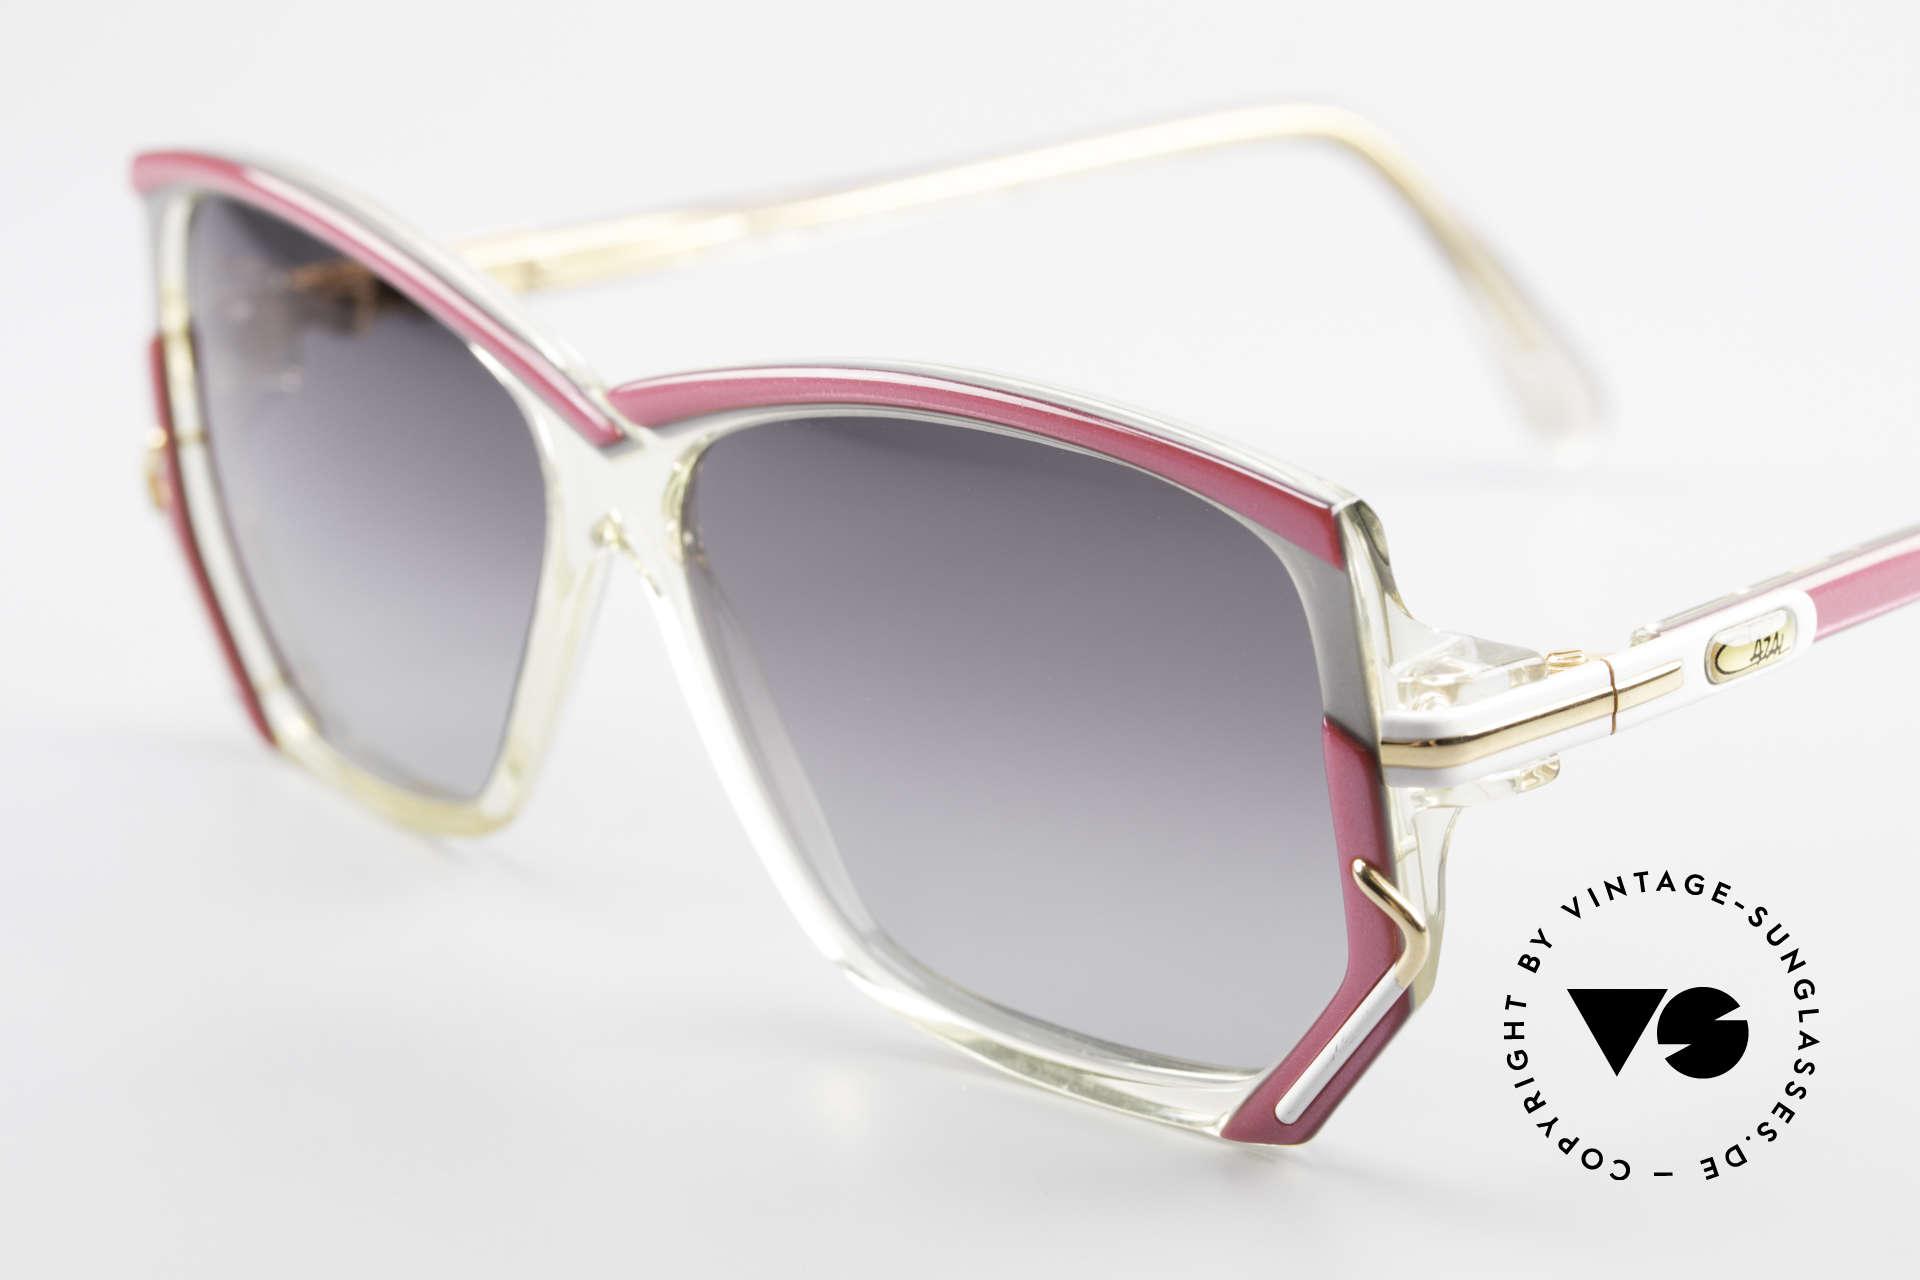 Cazal 197 80er Vintage Sonnenbrille, ungetragen (wie alle unsere vintage Brillen von Cazal), Passend für Damen